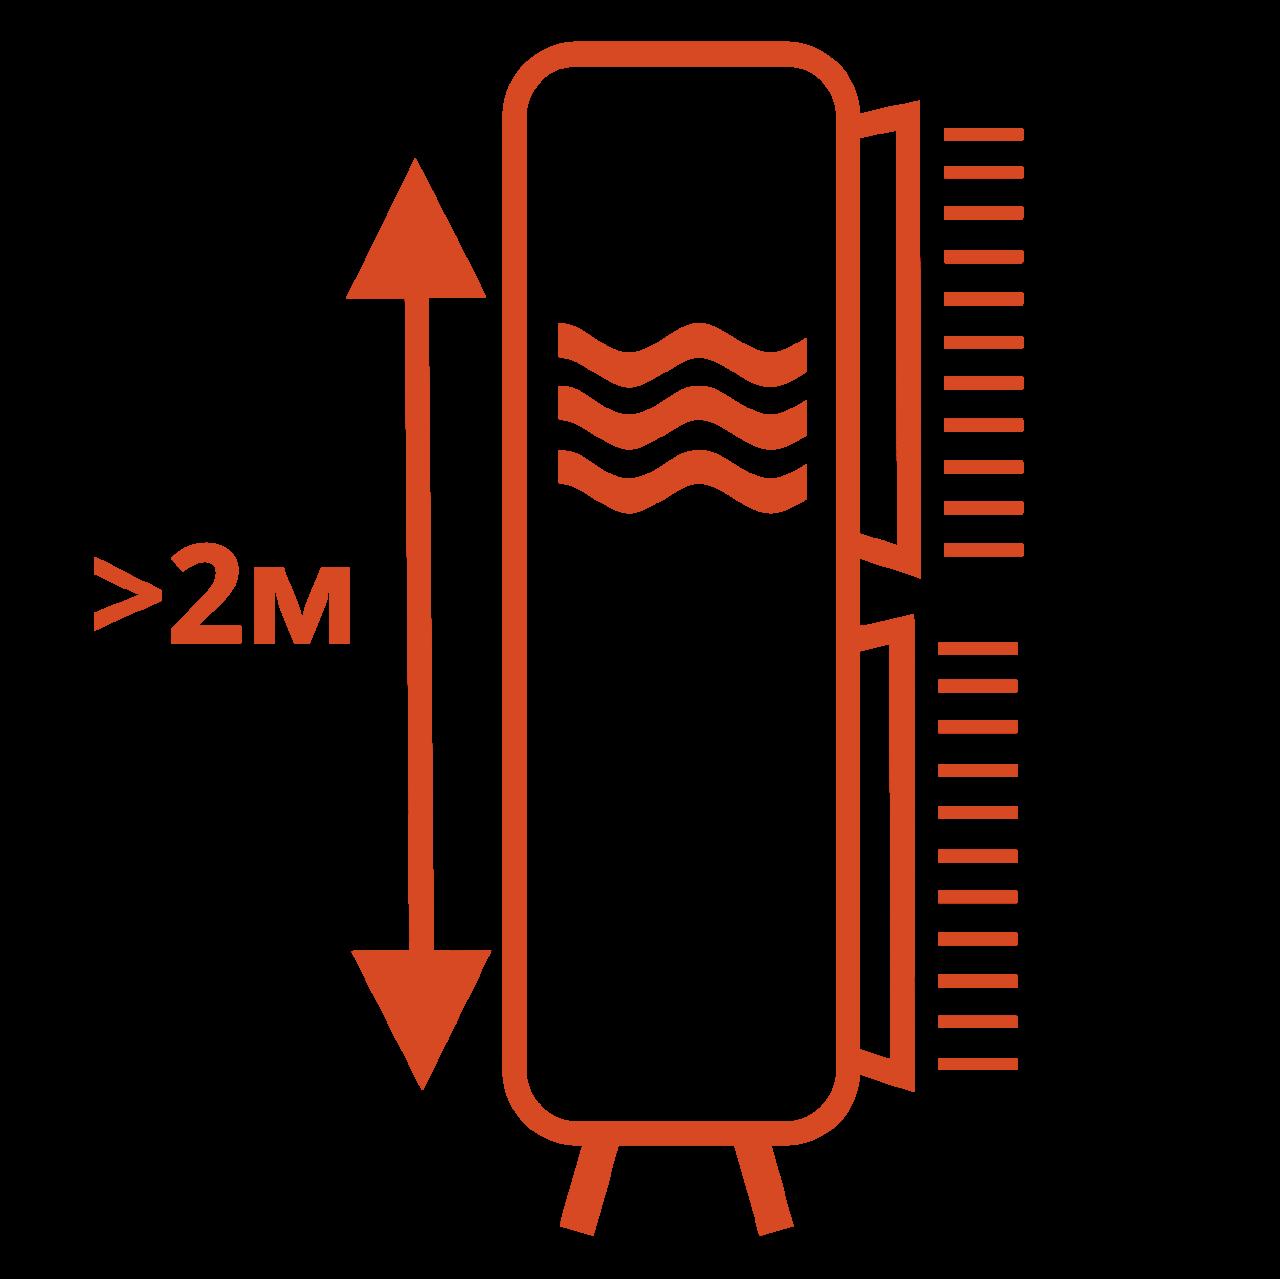 Визуальный индикатор уровня